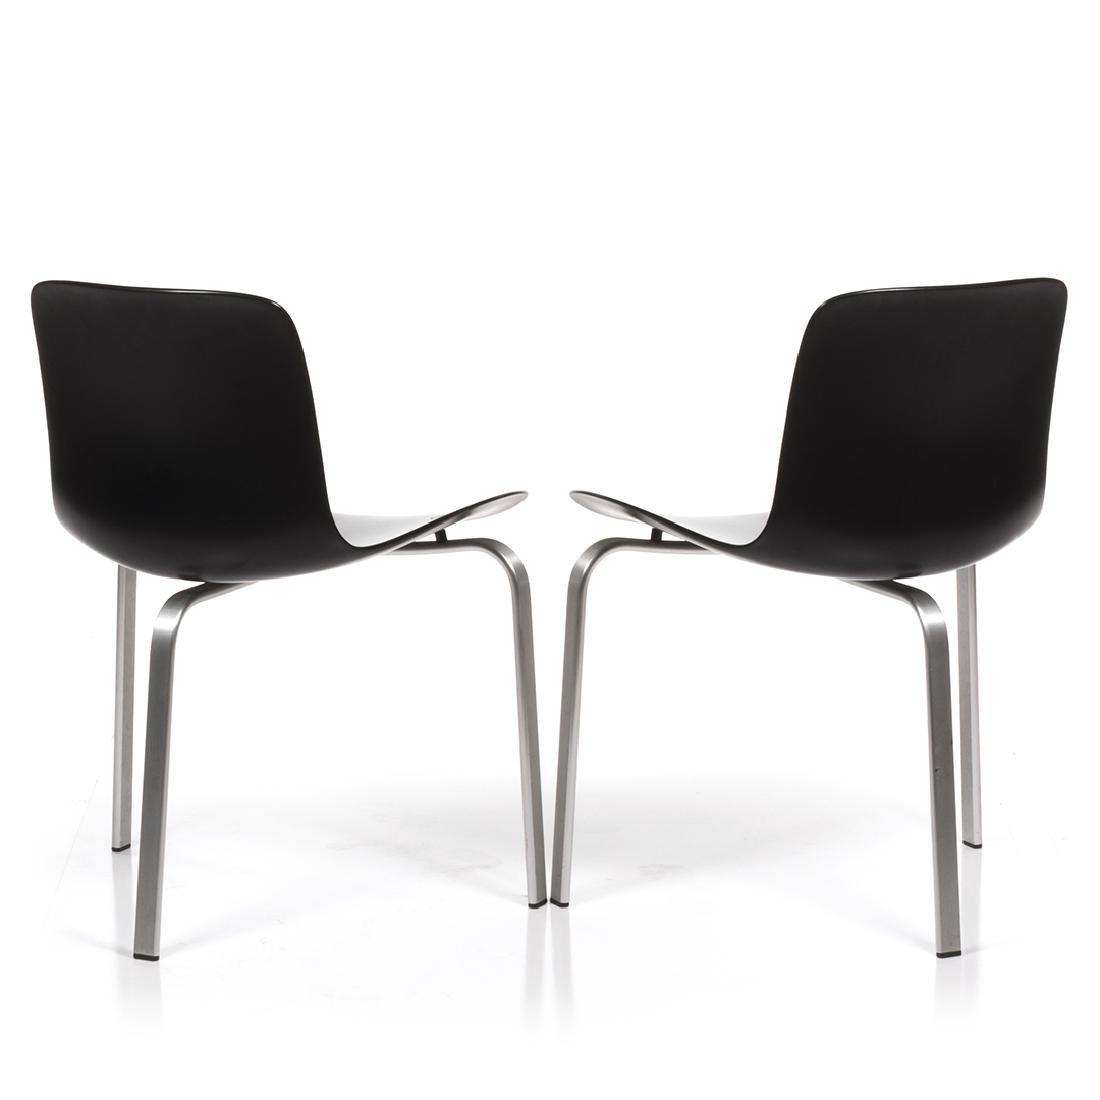 Poul Kjaerholm PK-8 Chairs (2) - 3